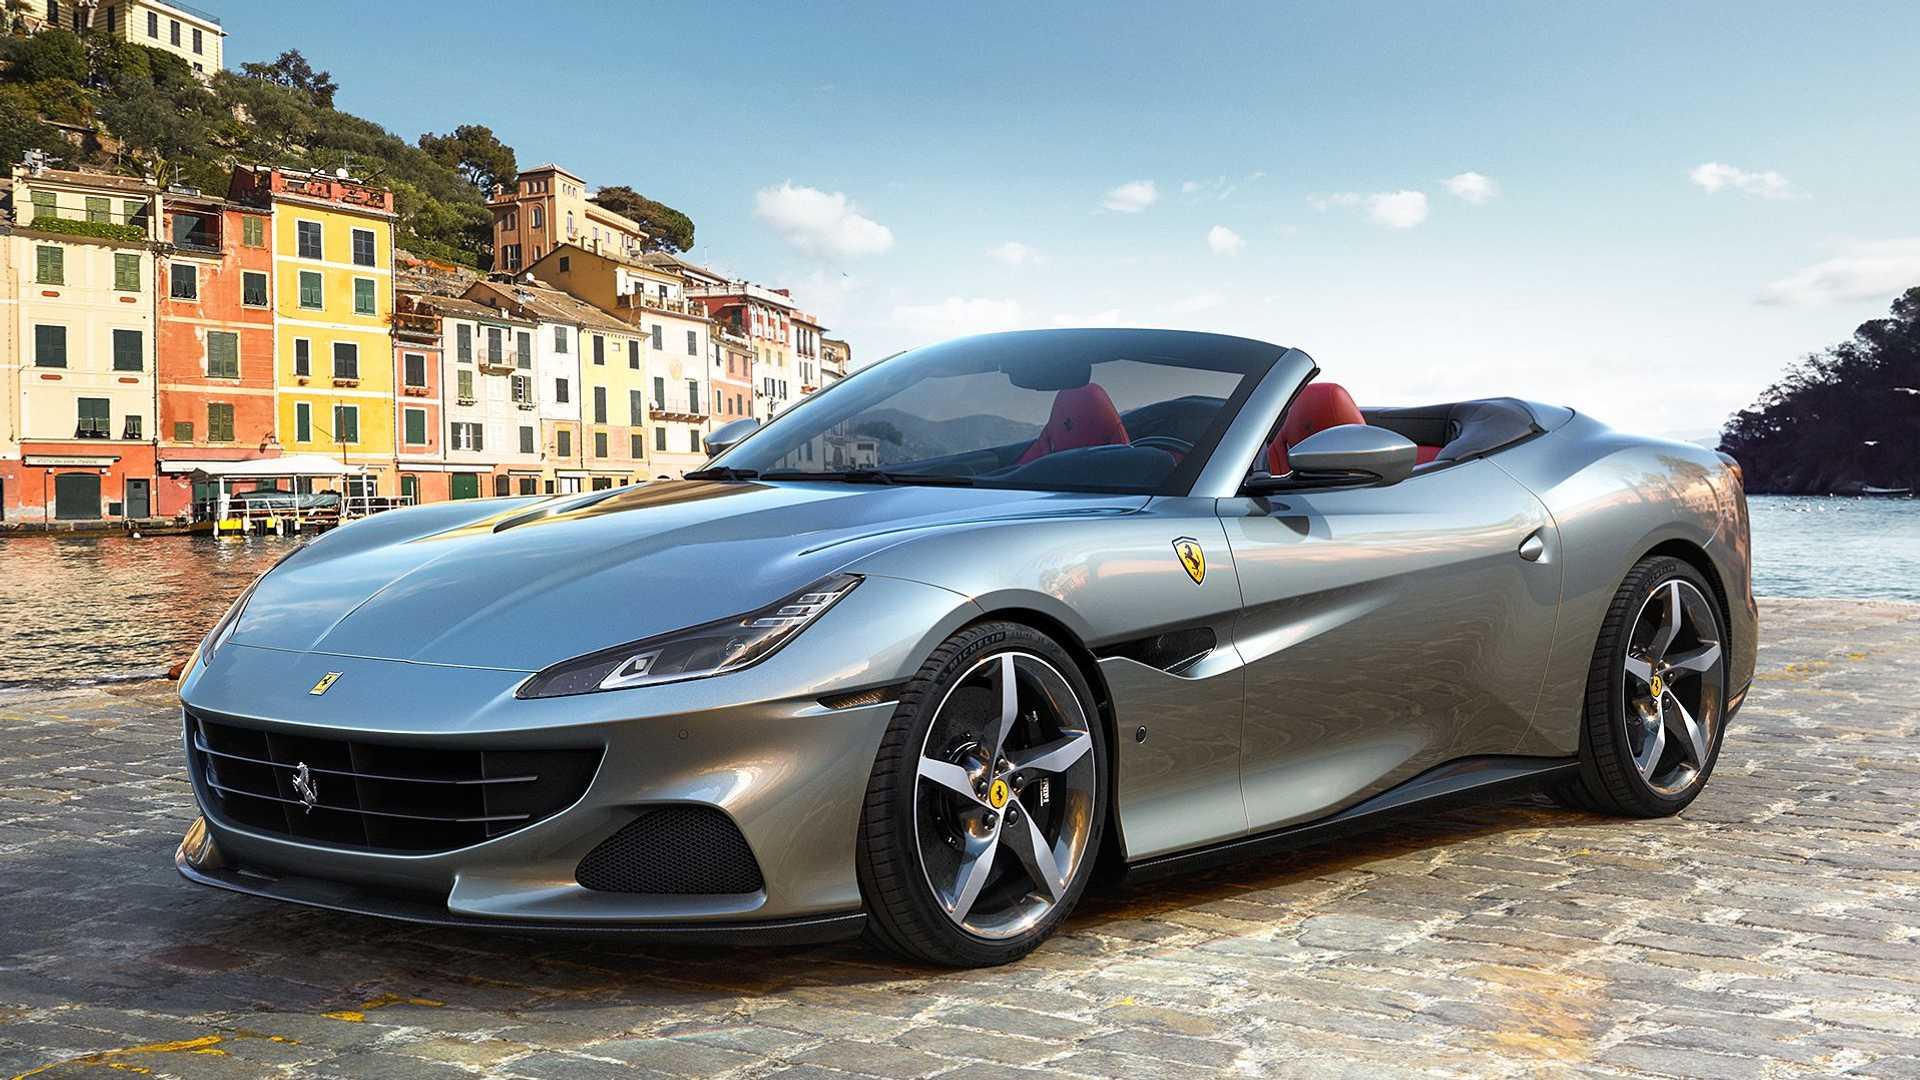 Ferrari Portofino M получил новую трансмиссию и более мощный мотор